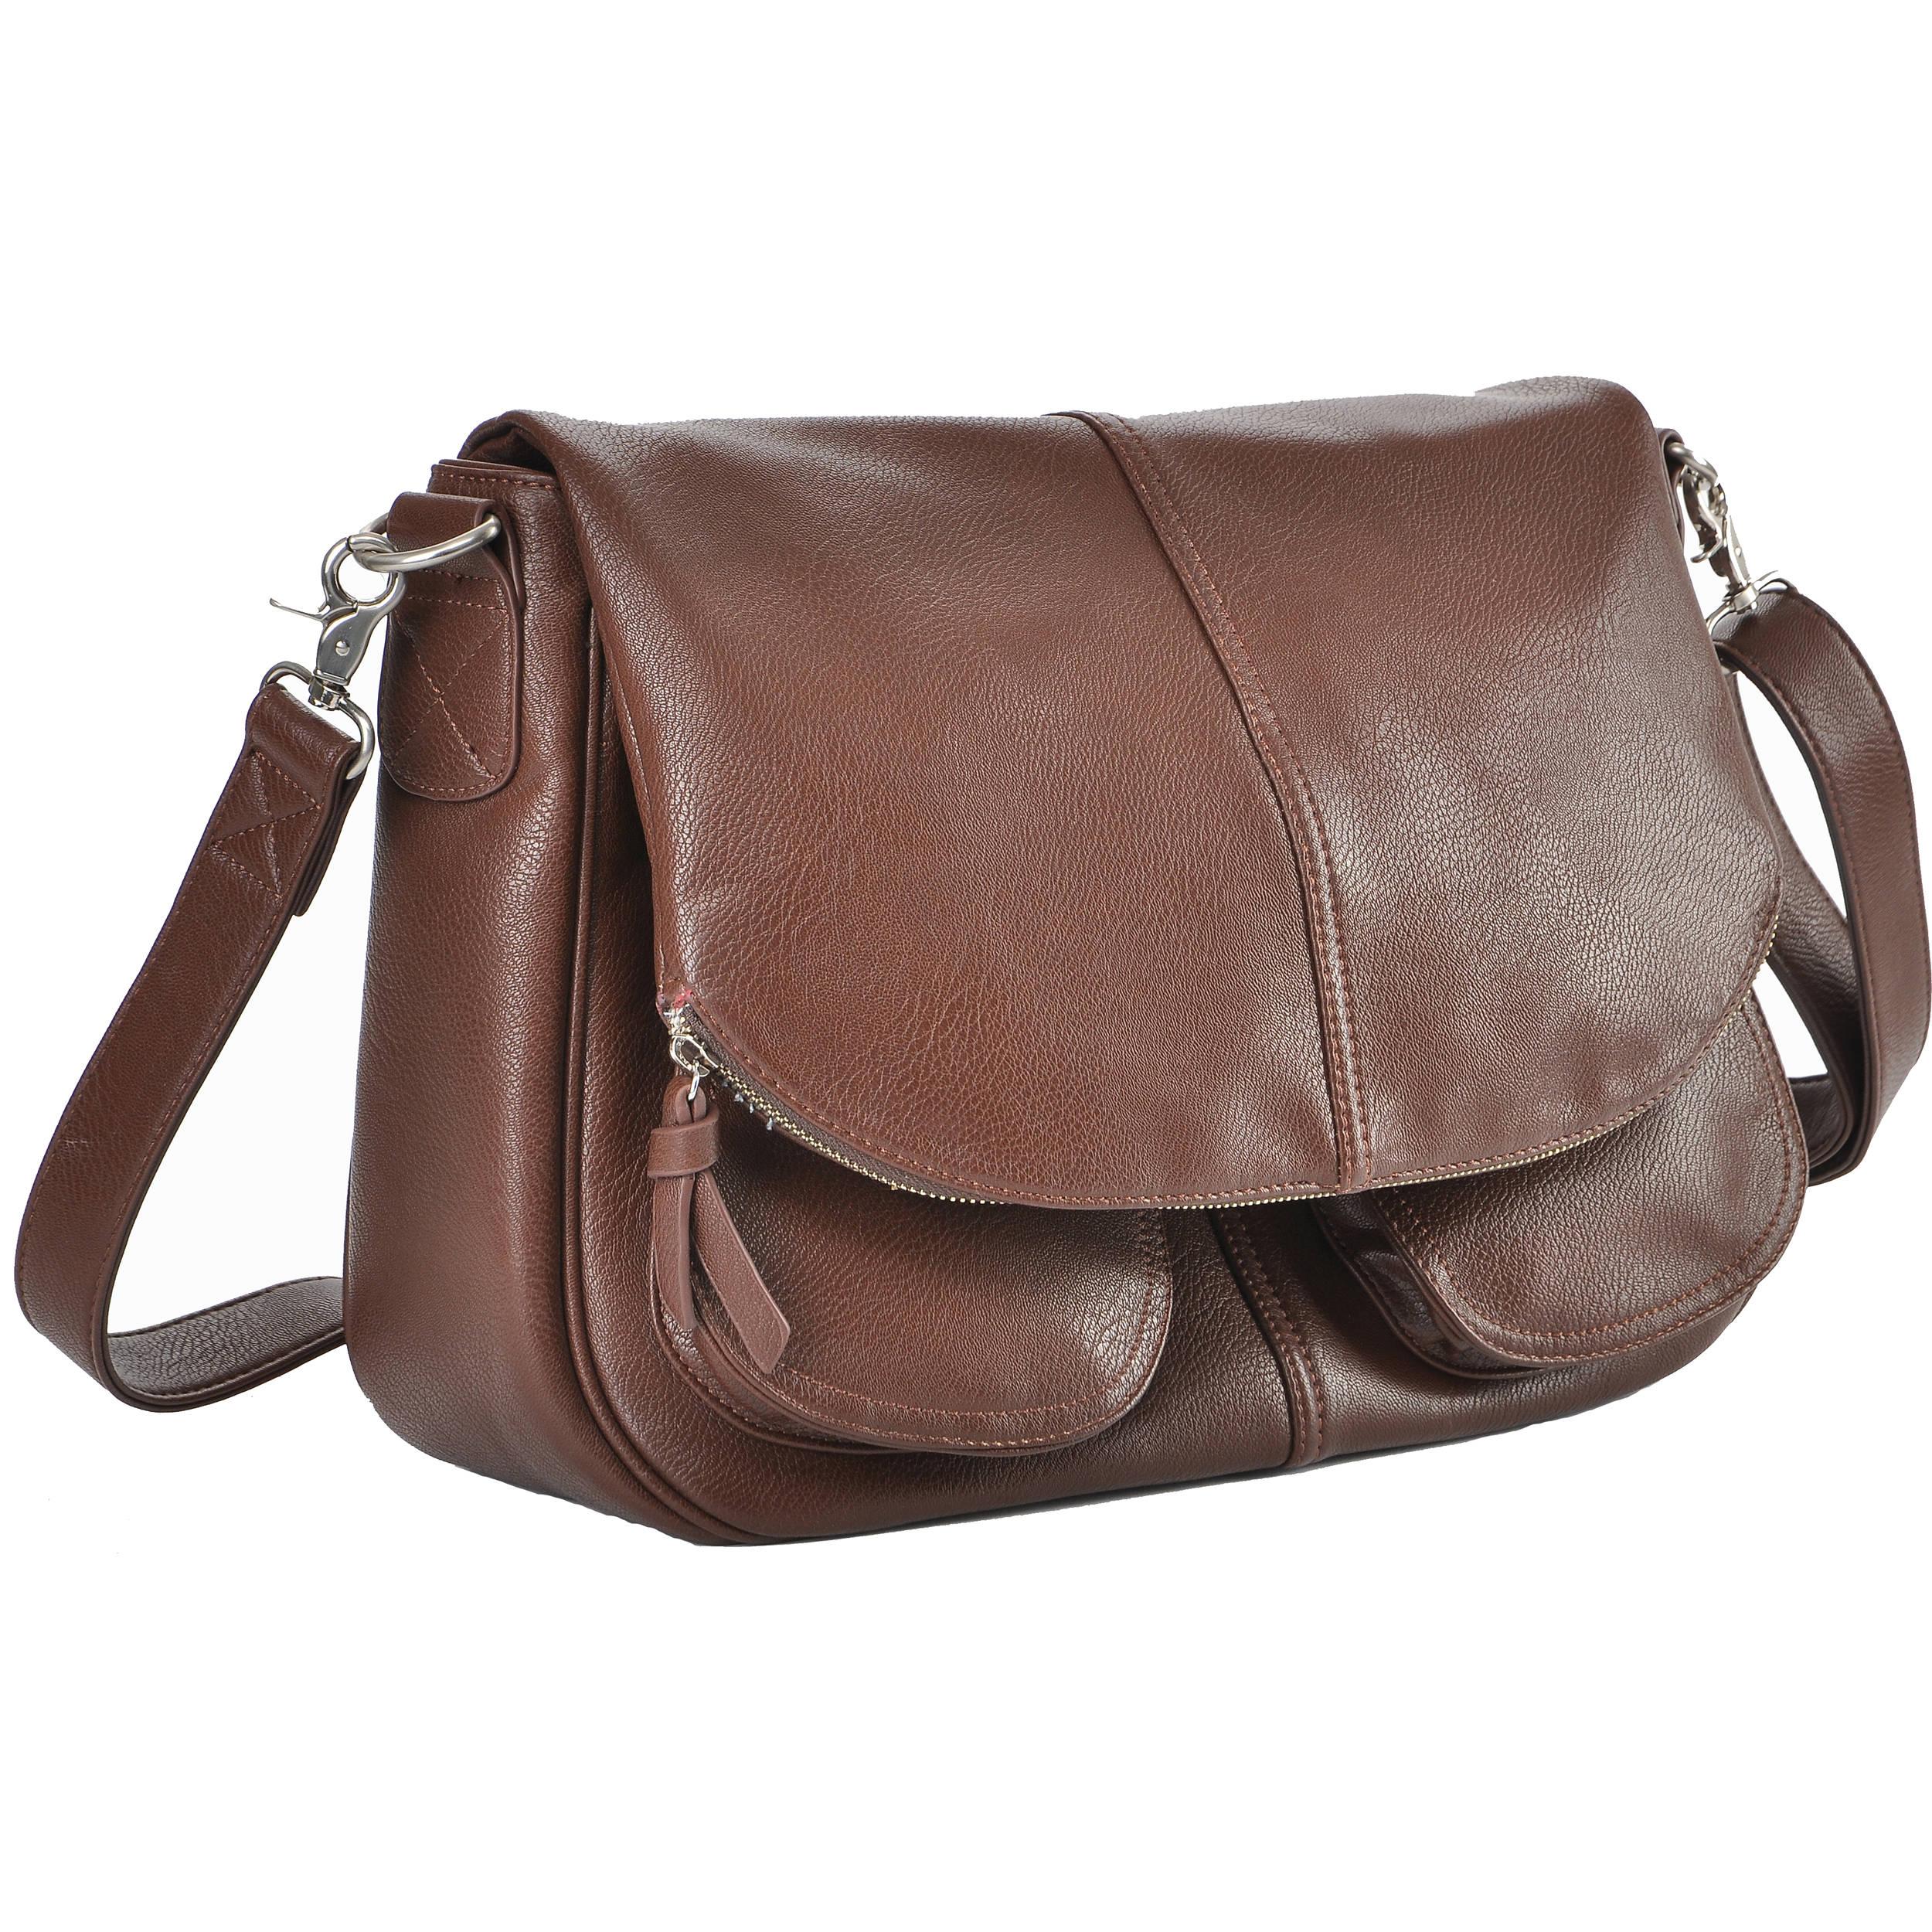 9c0a6615ff1 Jo Totes Betsy Camera Bag (Chocolate)